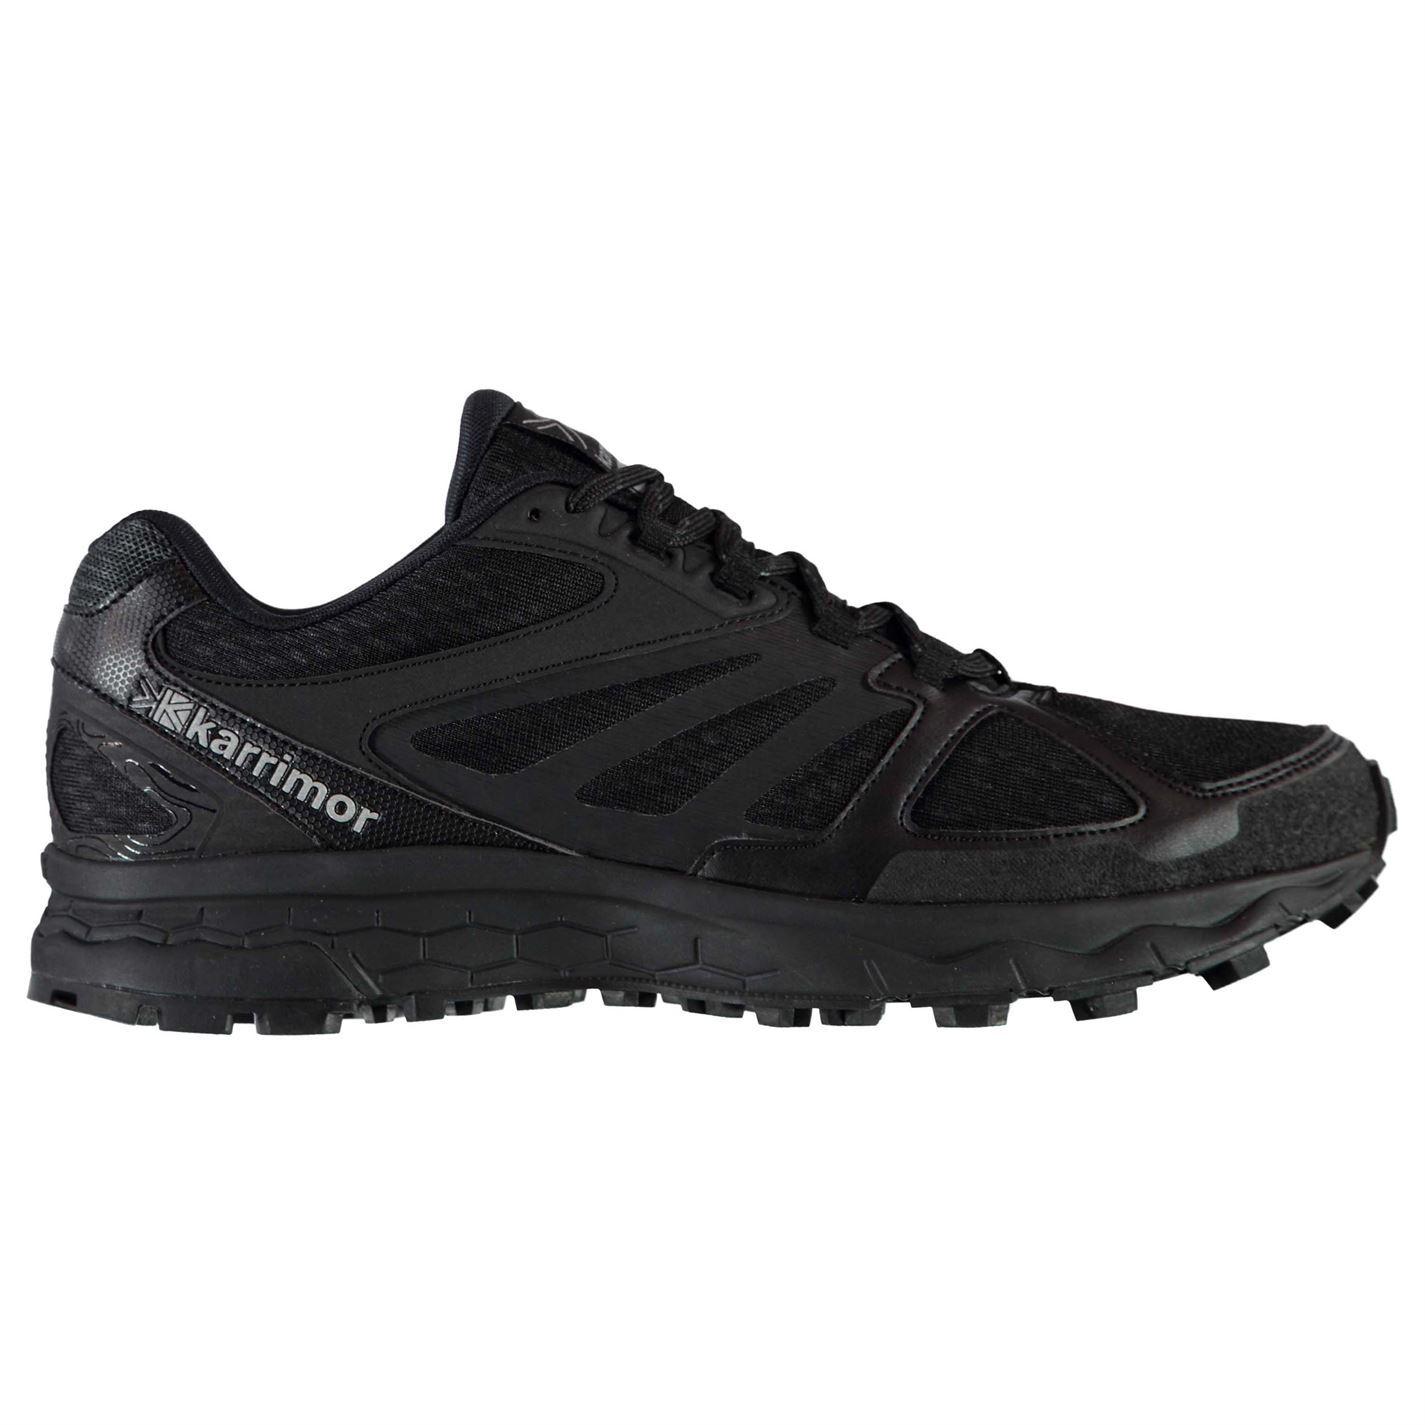 Karrimor Tempo da uomo 5 TRAIL RUNNING scarpe lacci tomaia in rete leggera Scarpe classiche da uomo